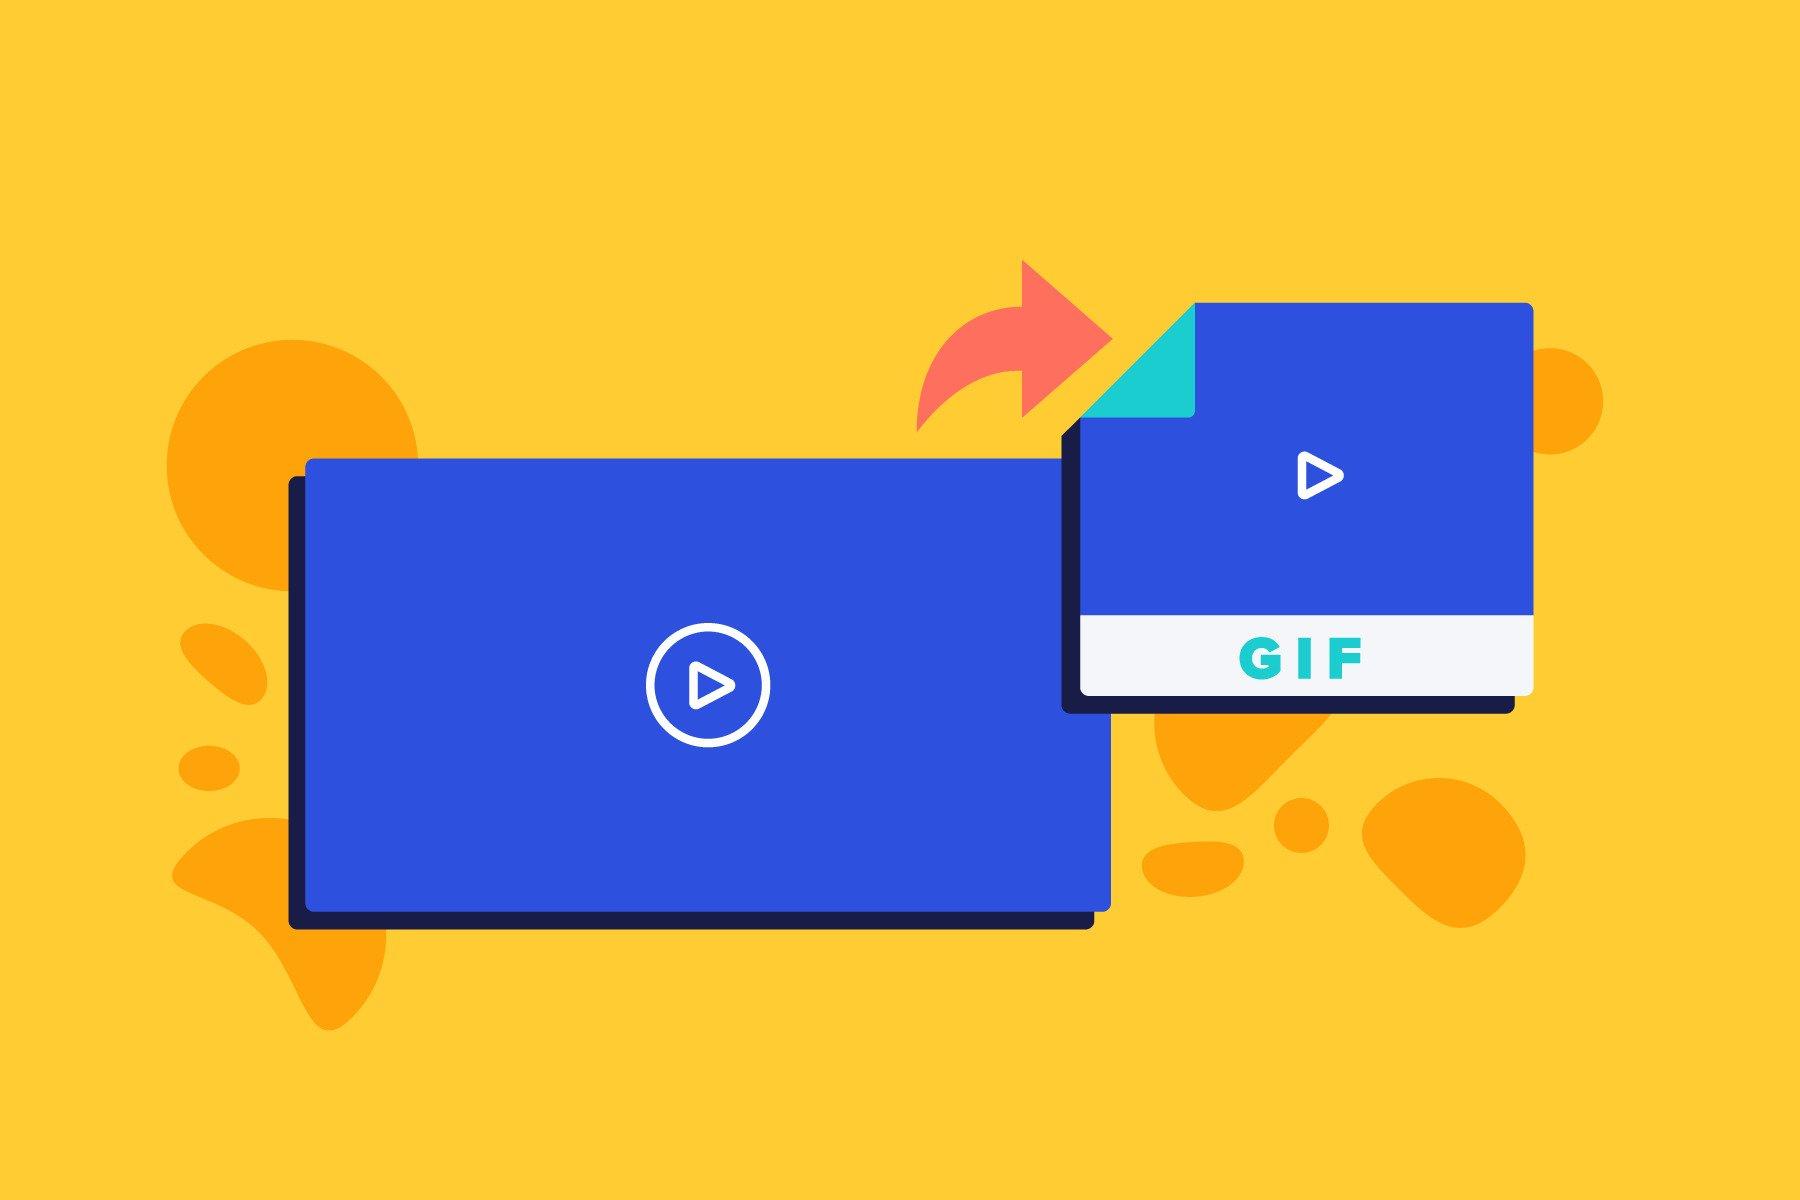 نحوه ساخت GIF